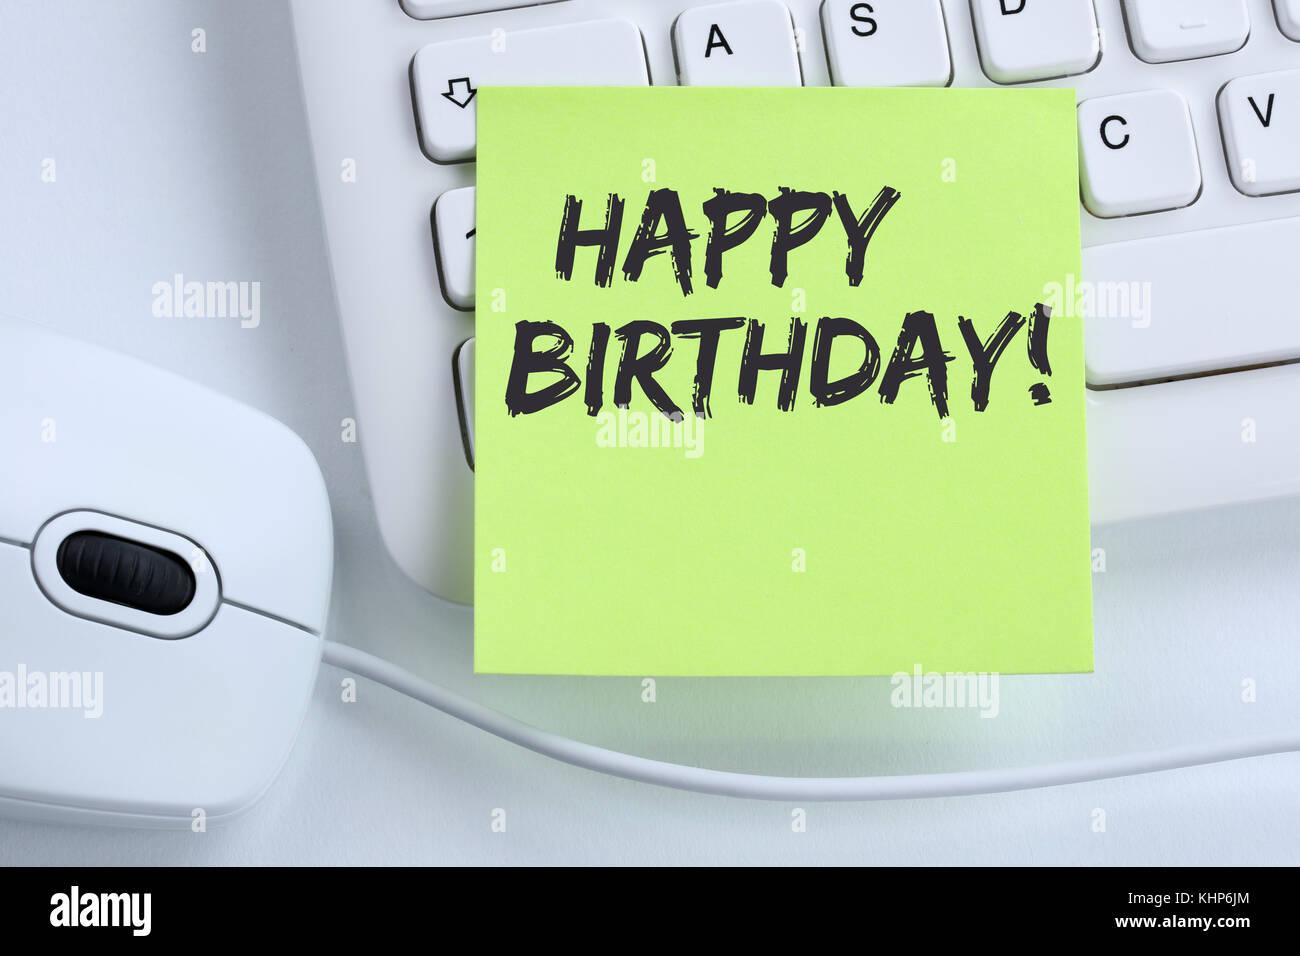 Saludos de cumpleaños feliz celebración concepto empresarial ratón teclado de ordenador Imagen De Stock